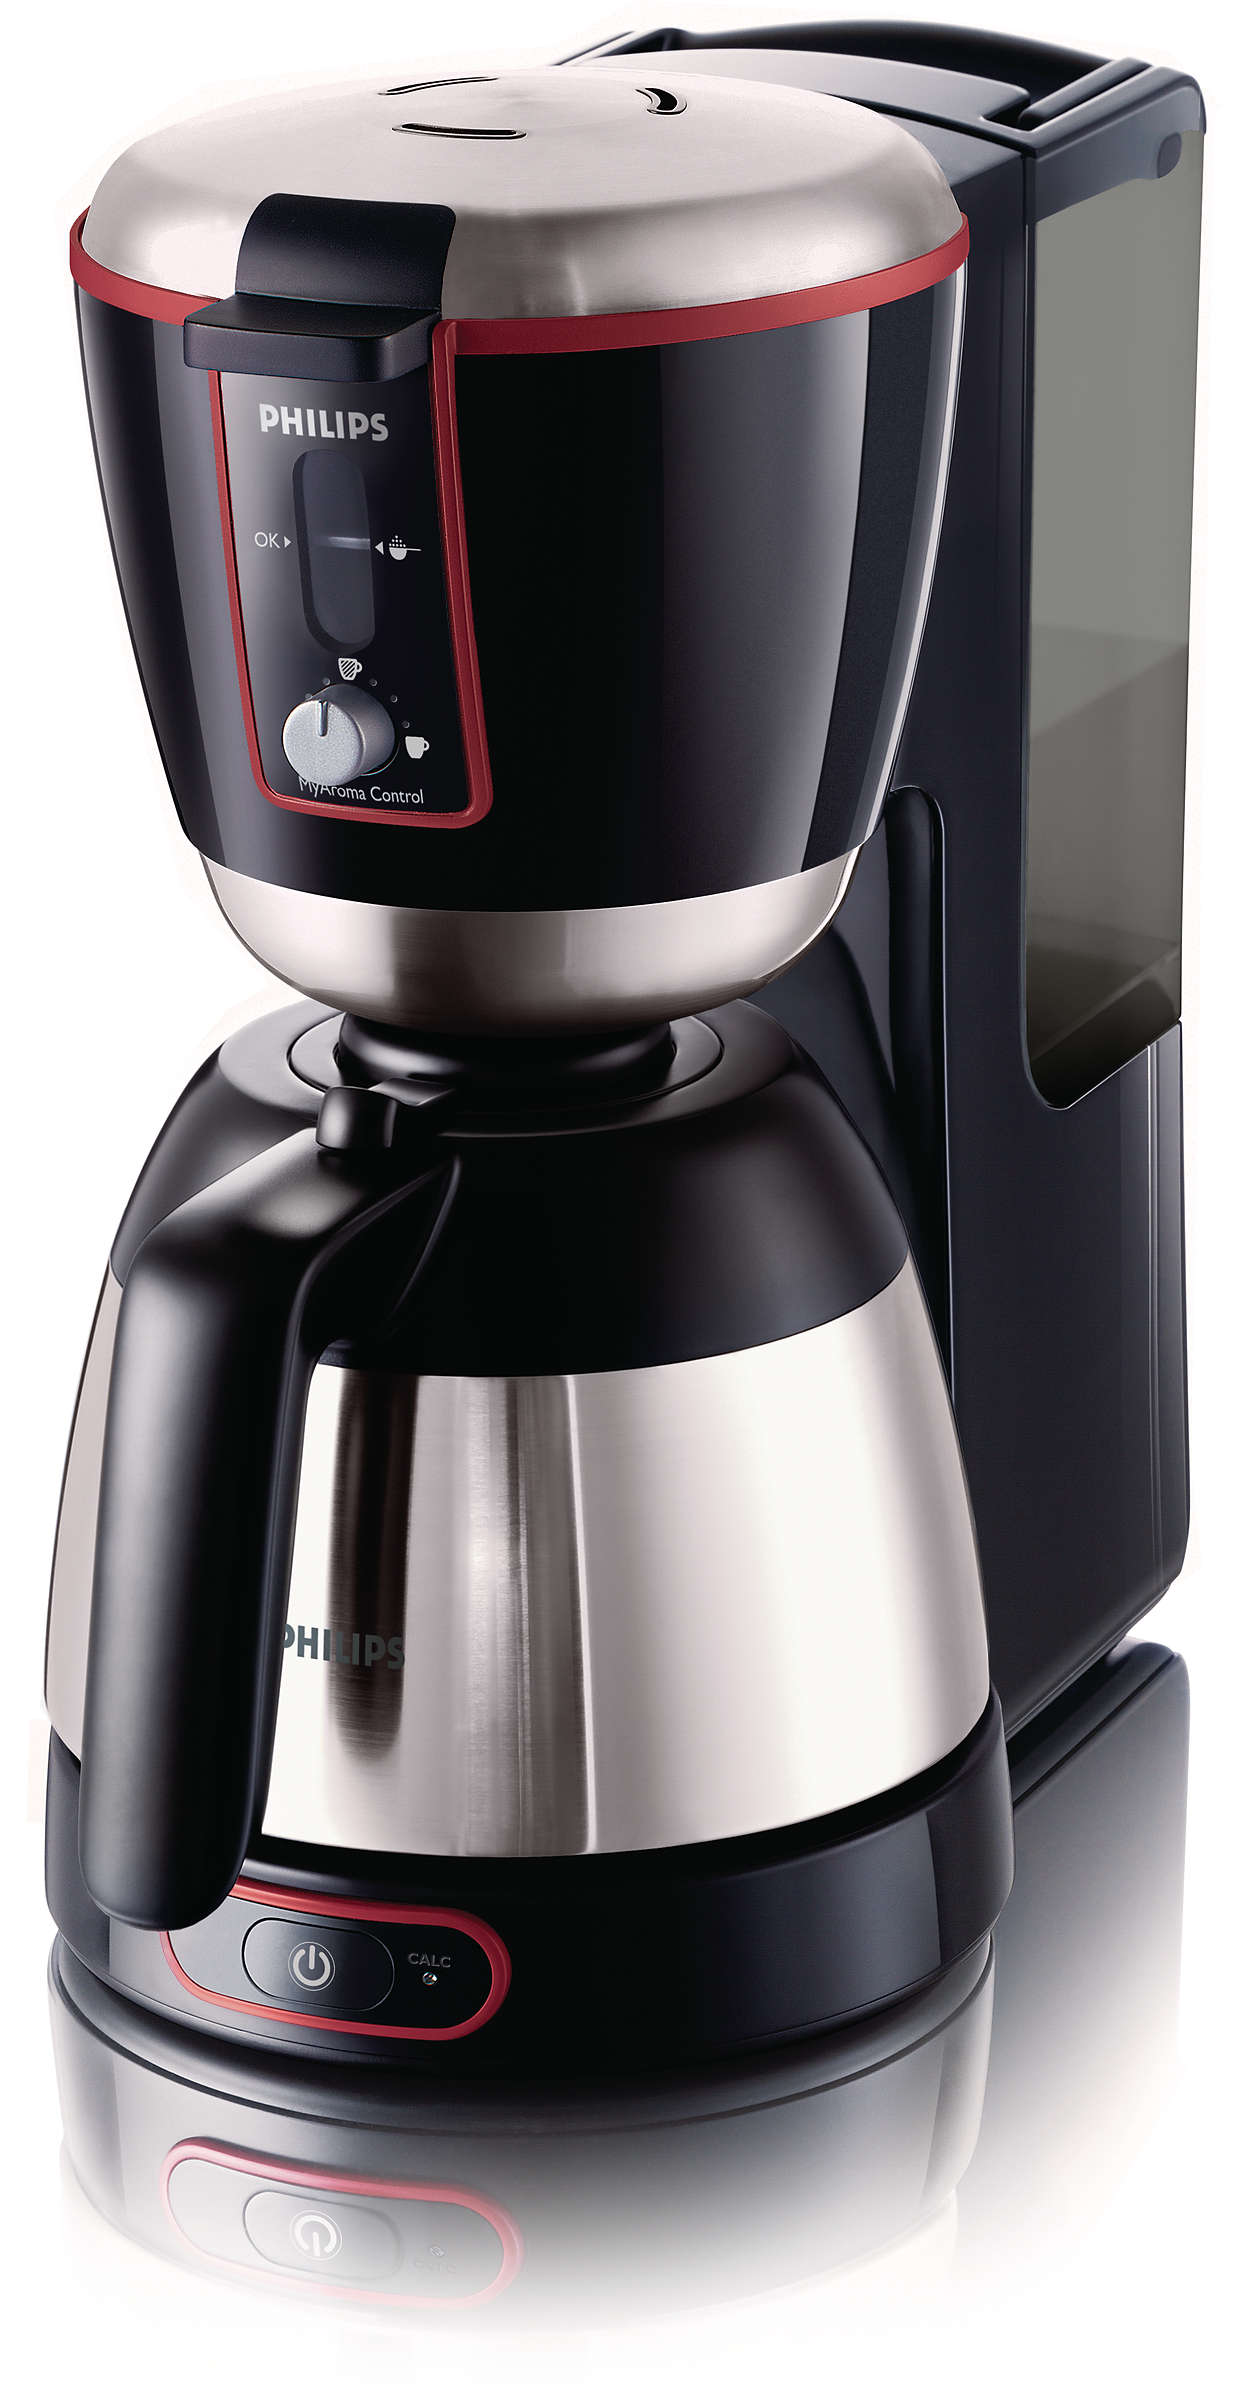 只需一按按鈕,即可享受完美的特濃咖啡